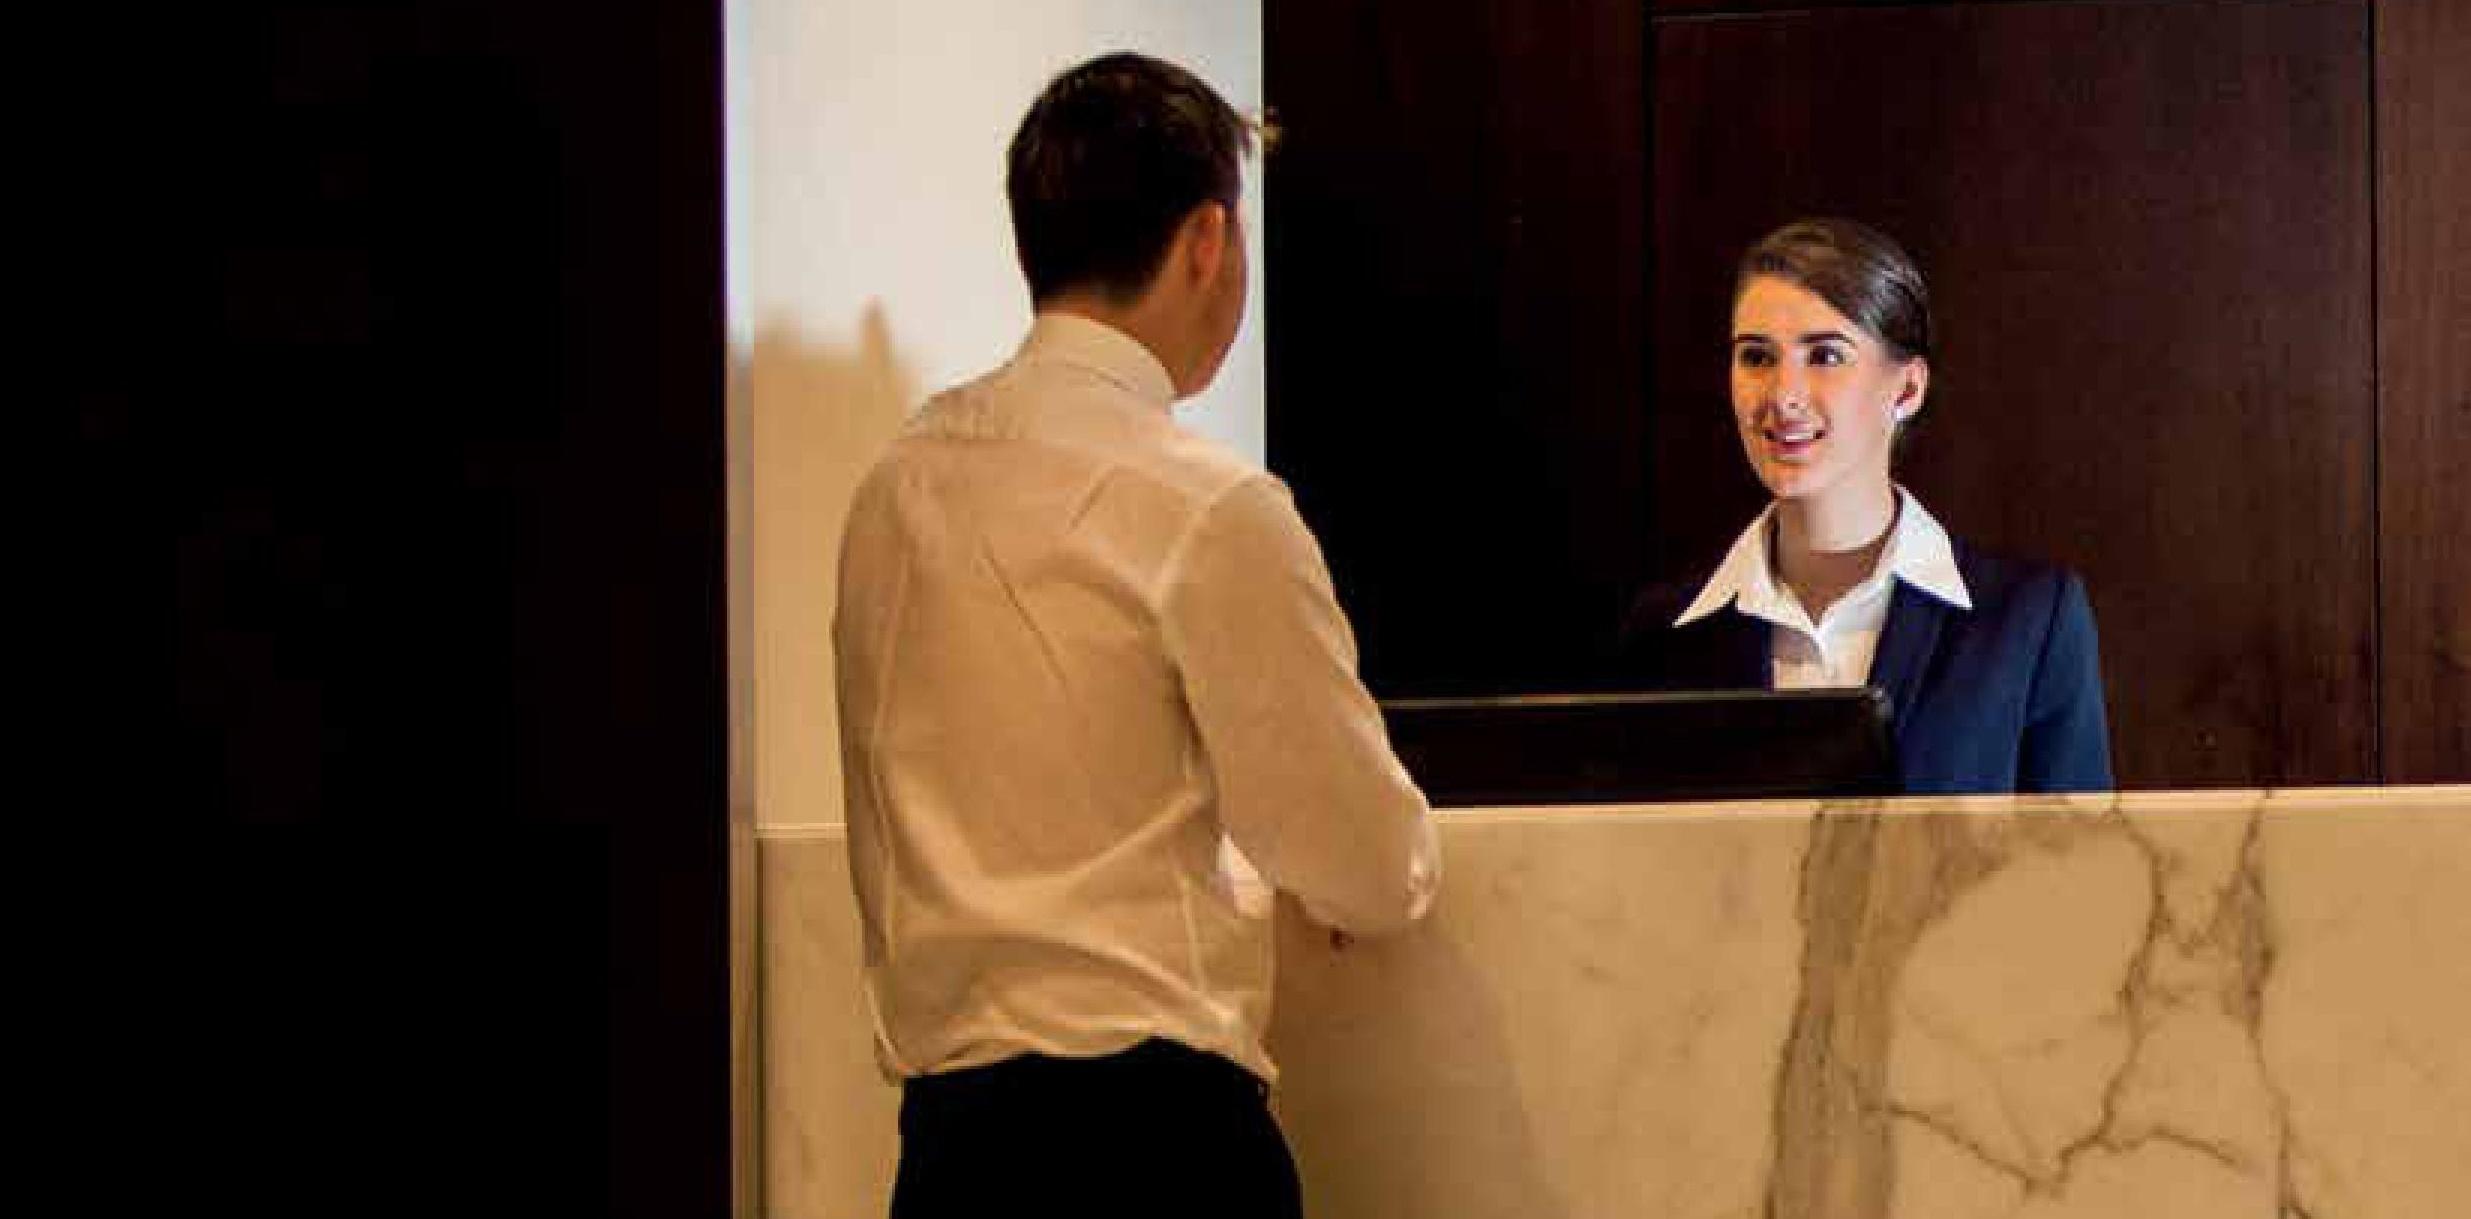 澳洲留學—澳洲飯店管理學系與業界最緊密結合的公立大學—南十字星大學